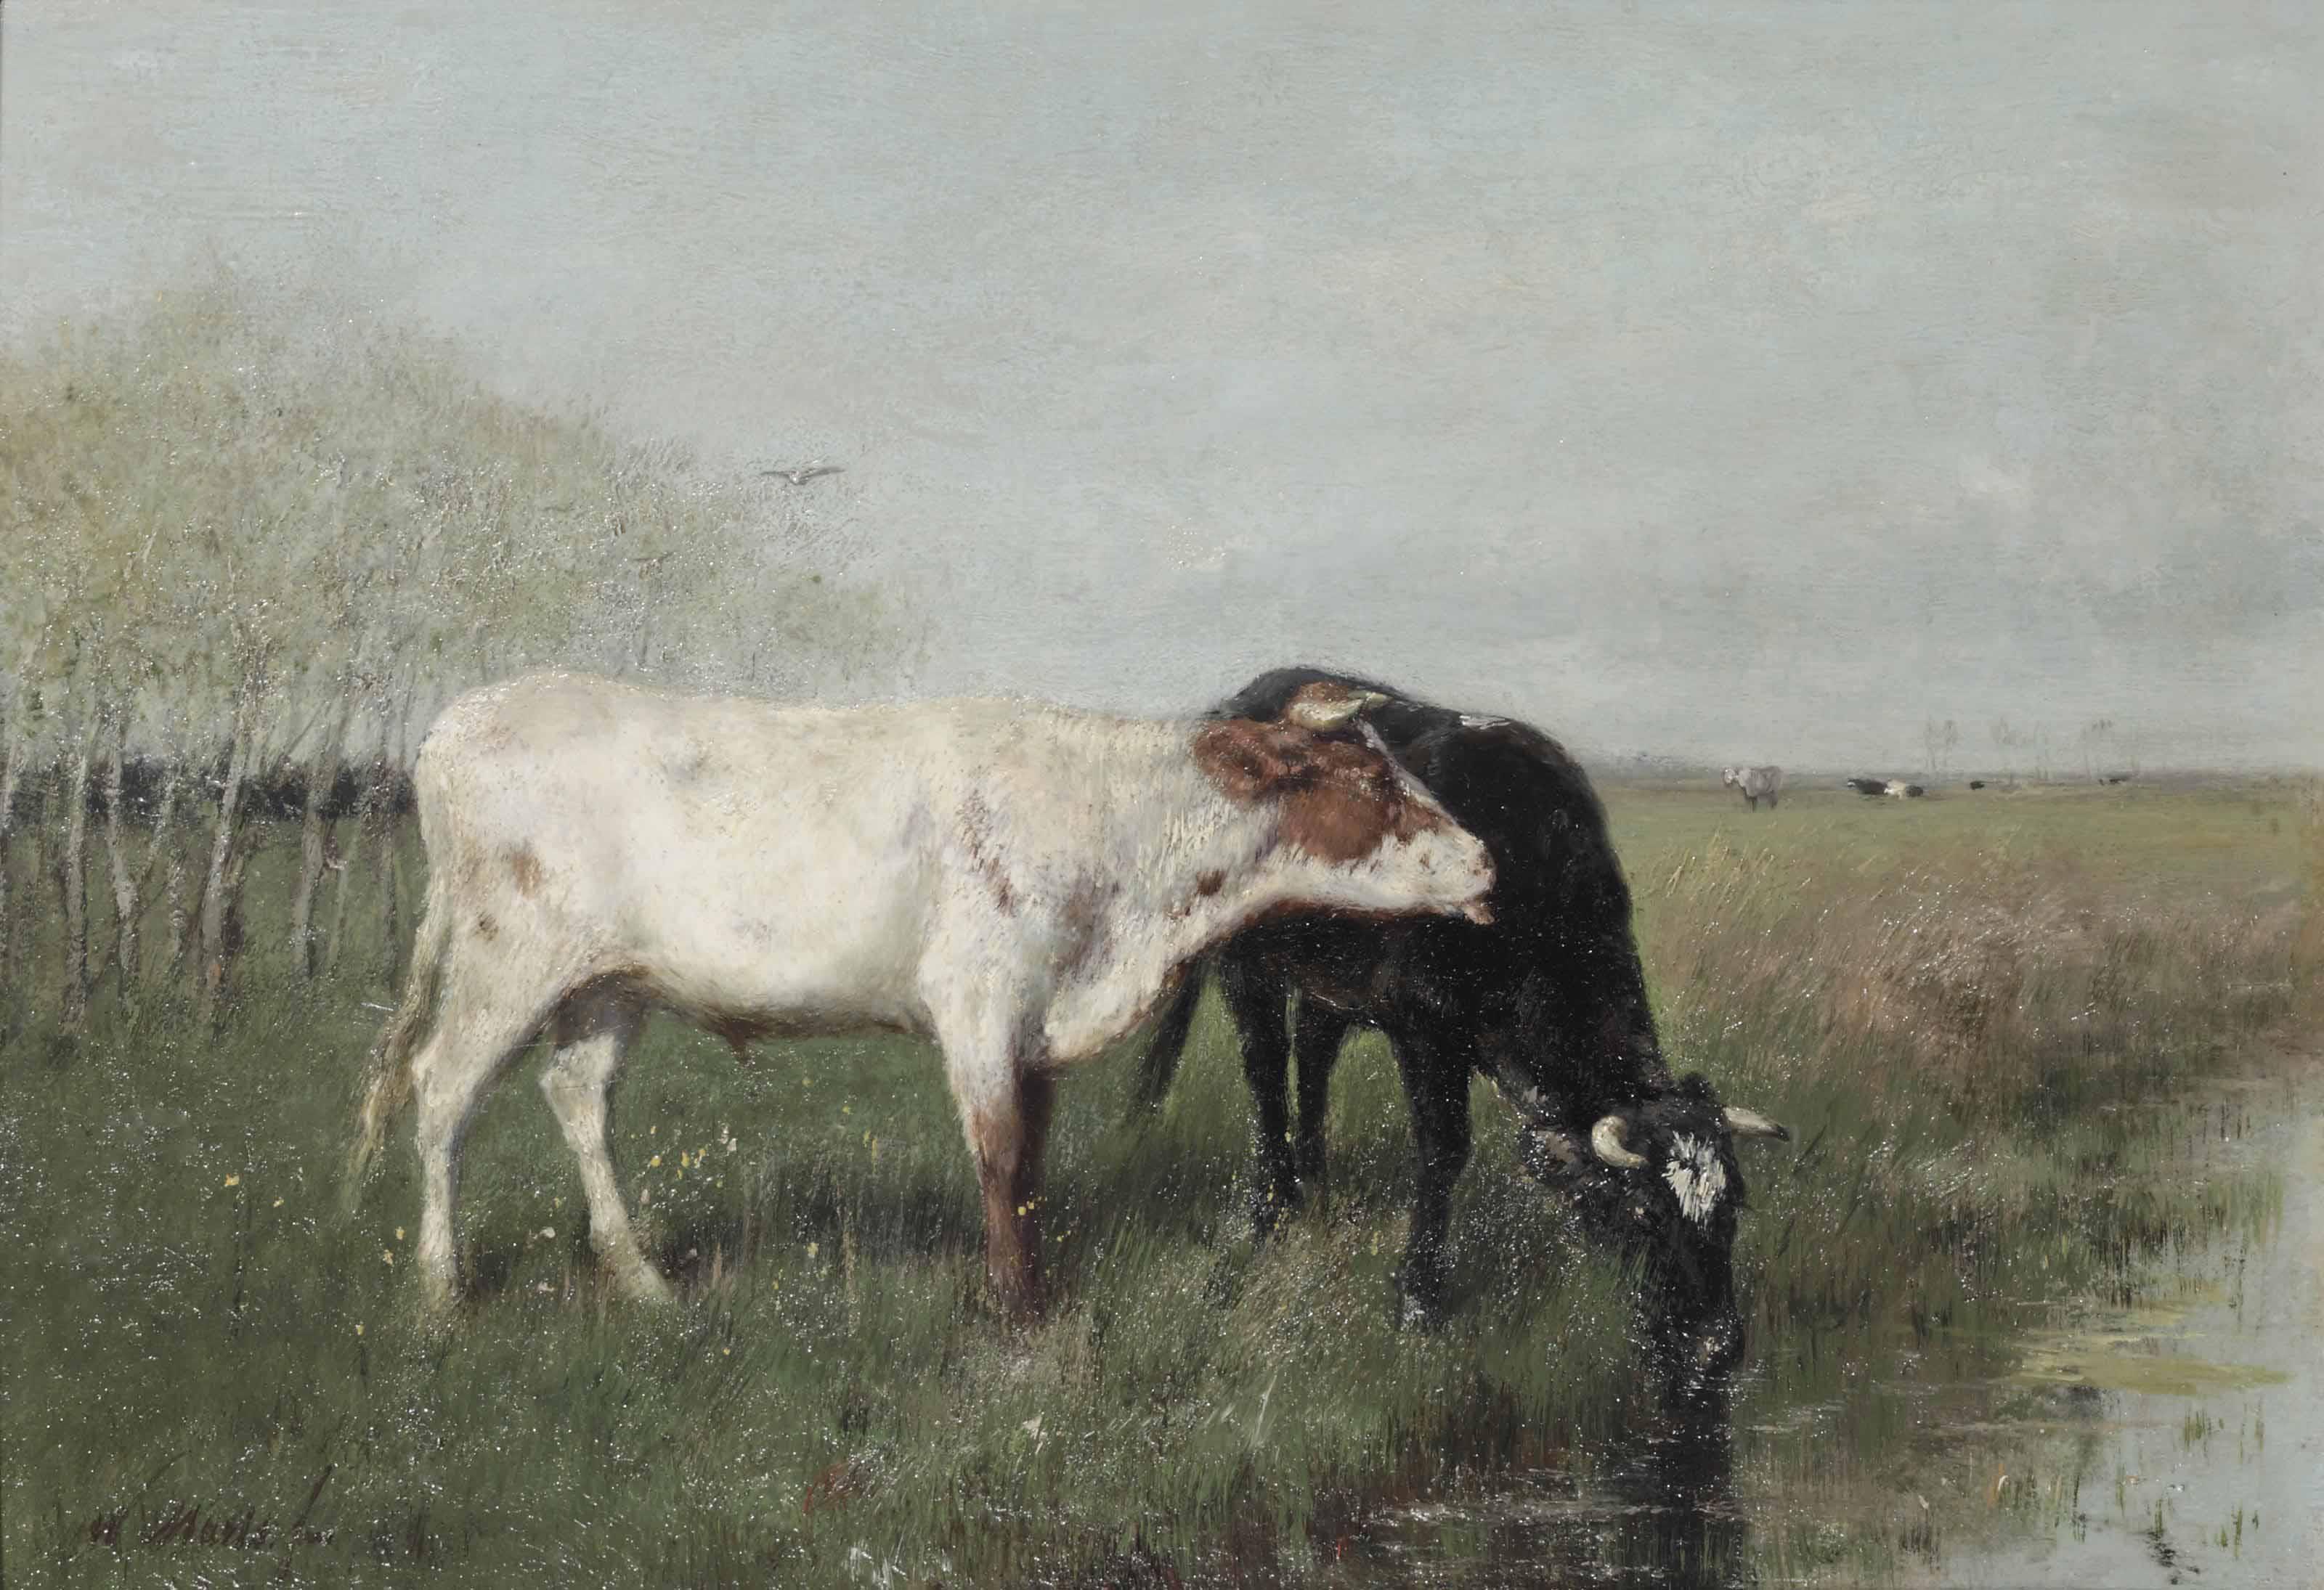 Koeien in de weide: cows in a meadow